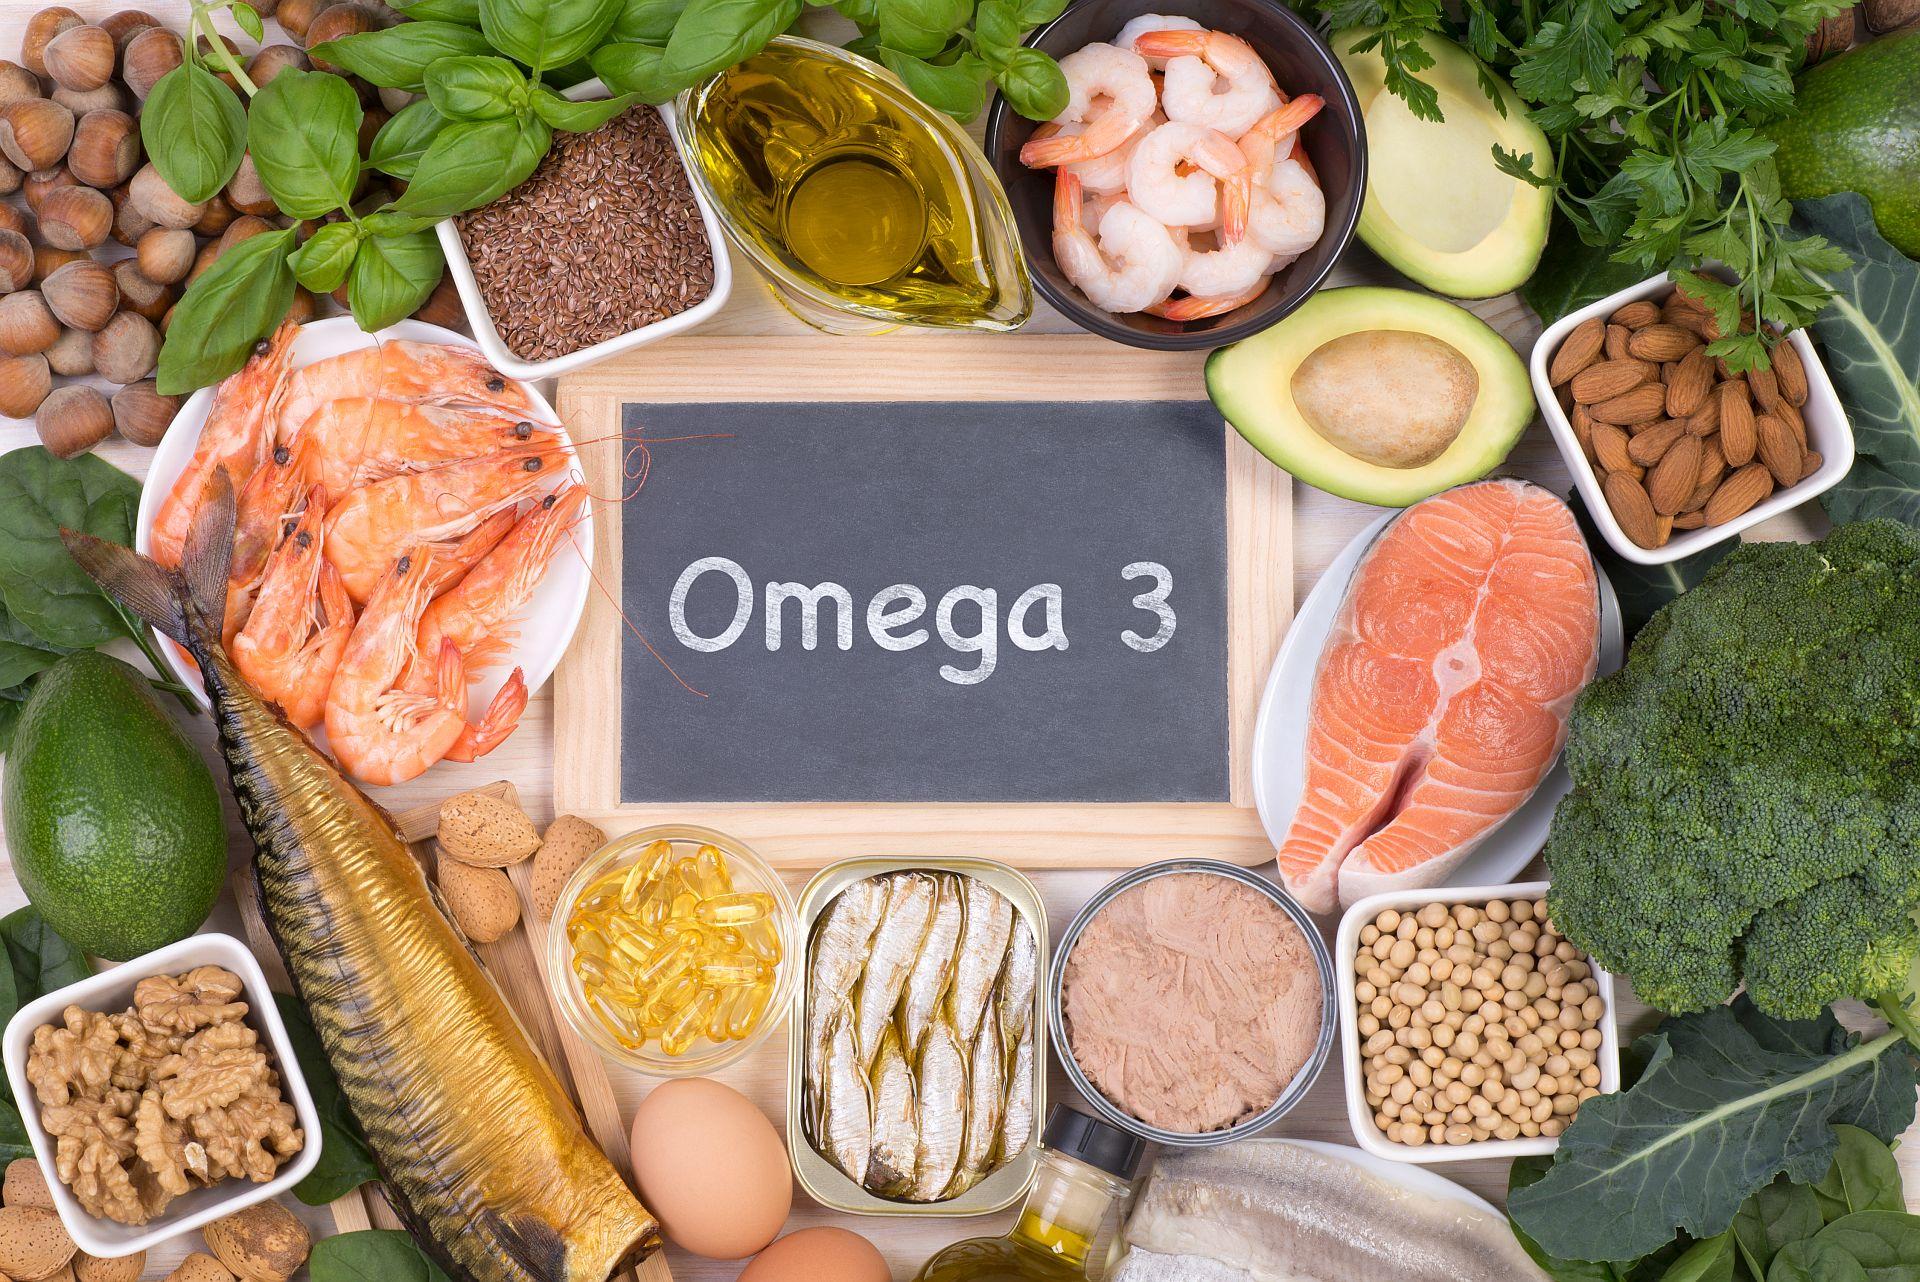 Omega 3 oder Omega-3 ist wichtig für den Körper